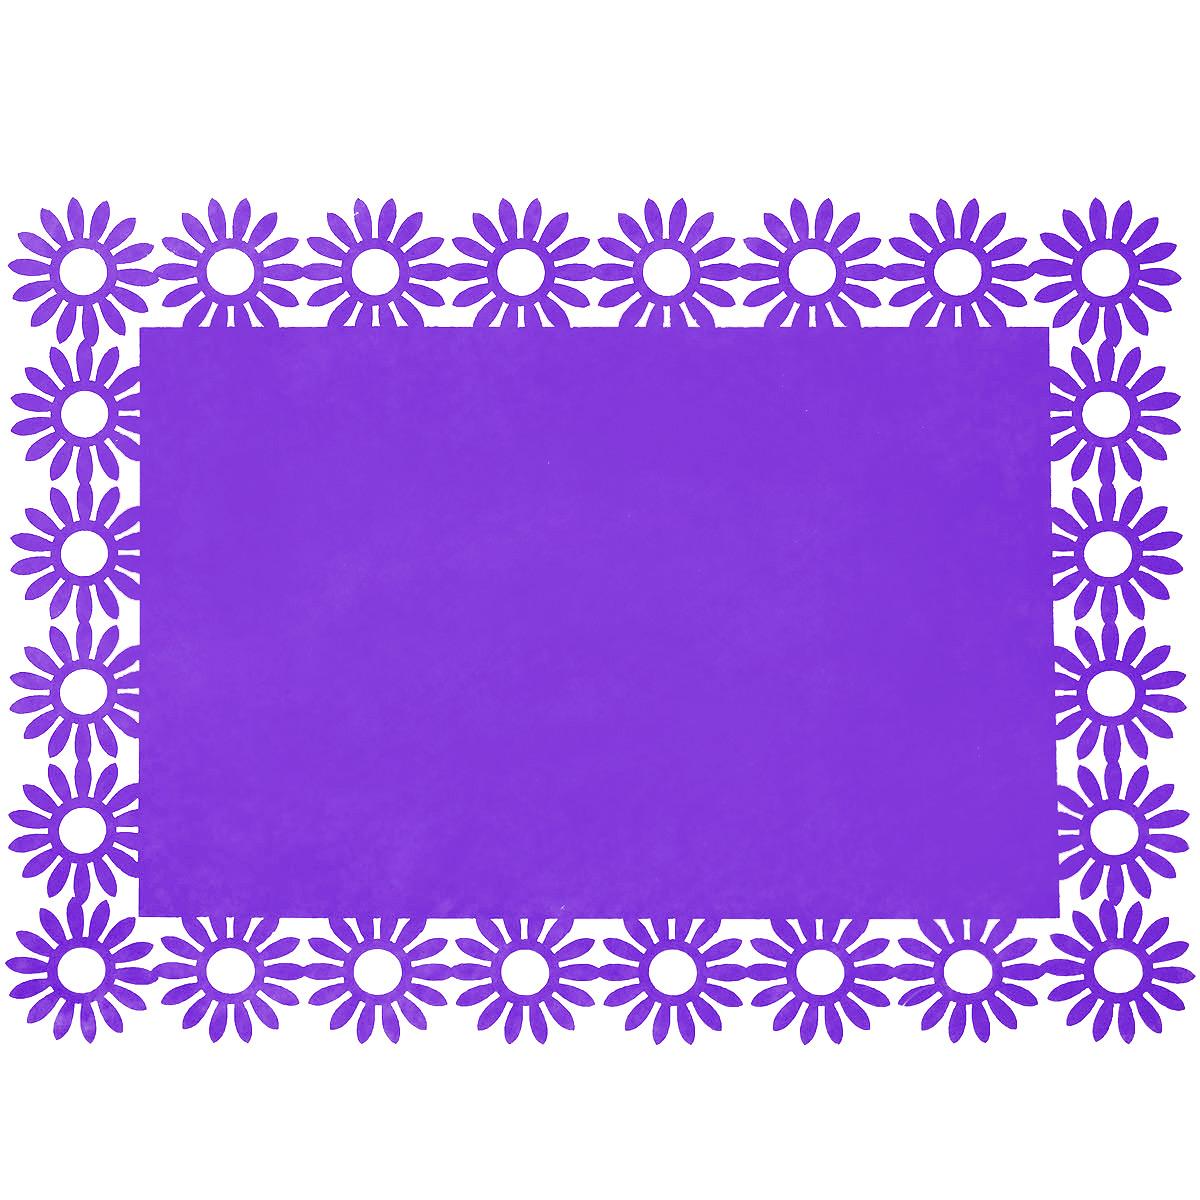 Салфетка Home Queen Веселый праздник, цвет: фиолетовый, 30 см х 40 см х 0,2 смVT-1520(SR)Прямоугольная салфетка Home Queen Веселый праздник выполнена из фетра и имеет красивую перфорацию по краям. Вы можете использовать салфетку для декорирования стола, комода, журнального столика. В любом случае она добавит в ваш дом стиля, изысканности и неповторимости и убережет мебель от царапин и потертостей. Размер салфетки: 30 см х 40 см х 0,2 см.